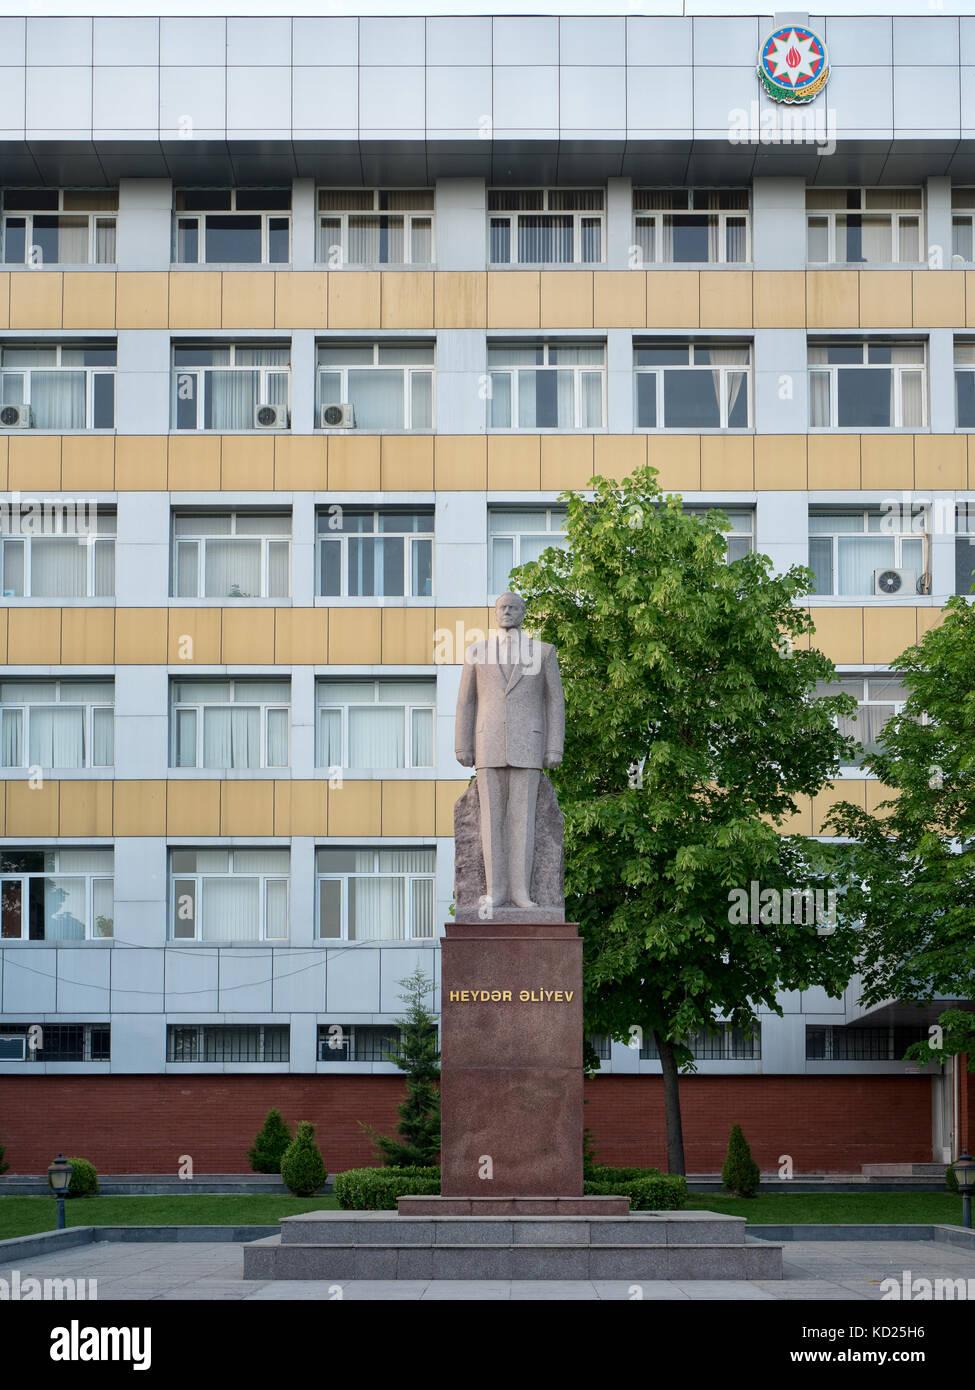 Statue des ehemaligen Präsidenten Heydar Aliyev vor einem öffentlichen Gebäude, sozialistische Architektur Stockbild